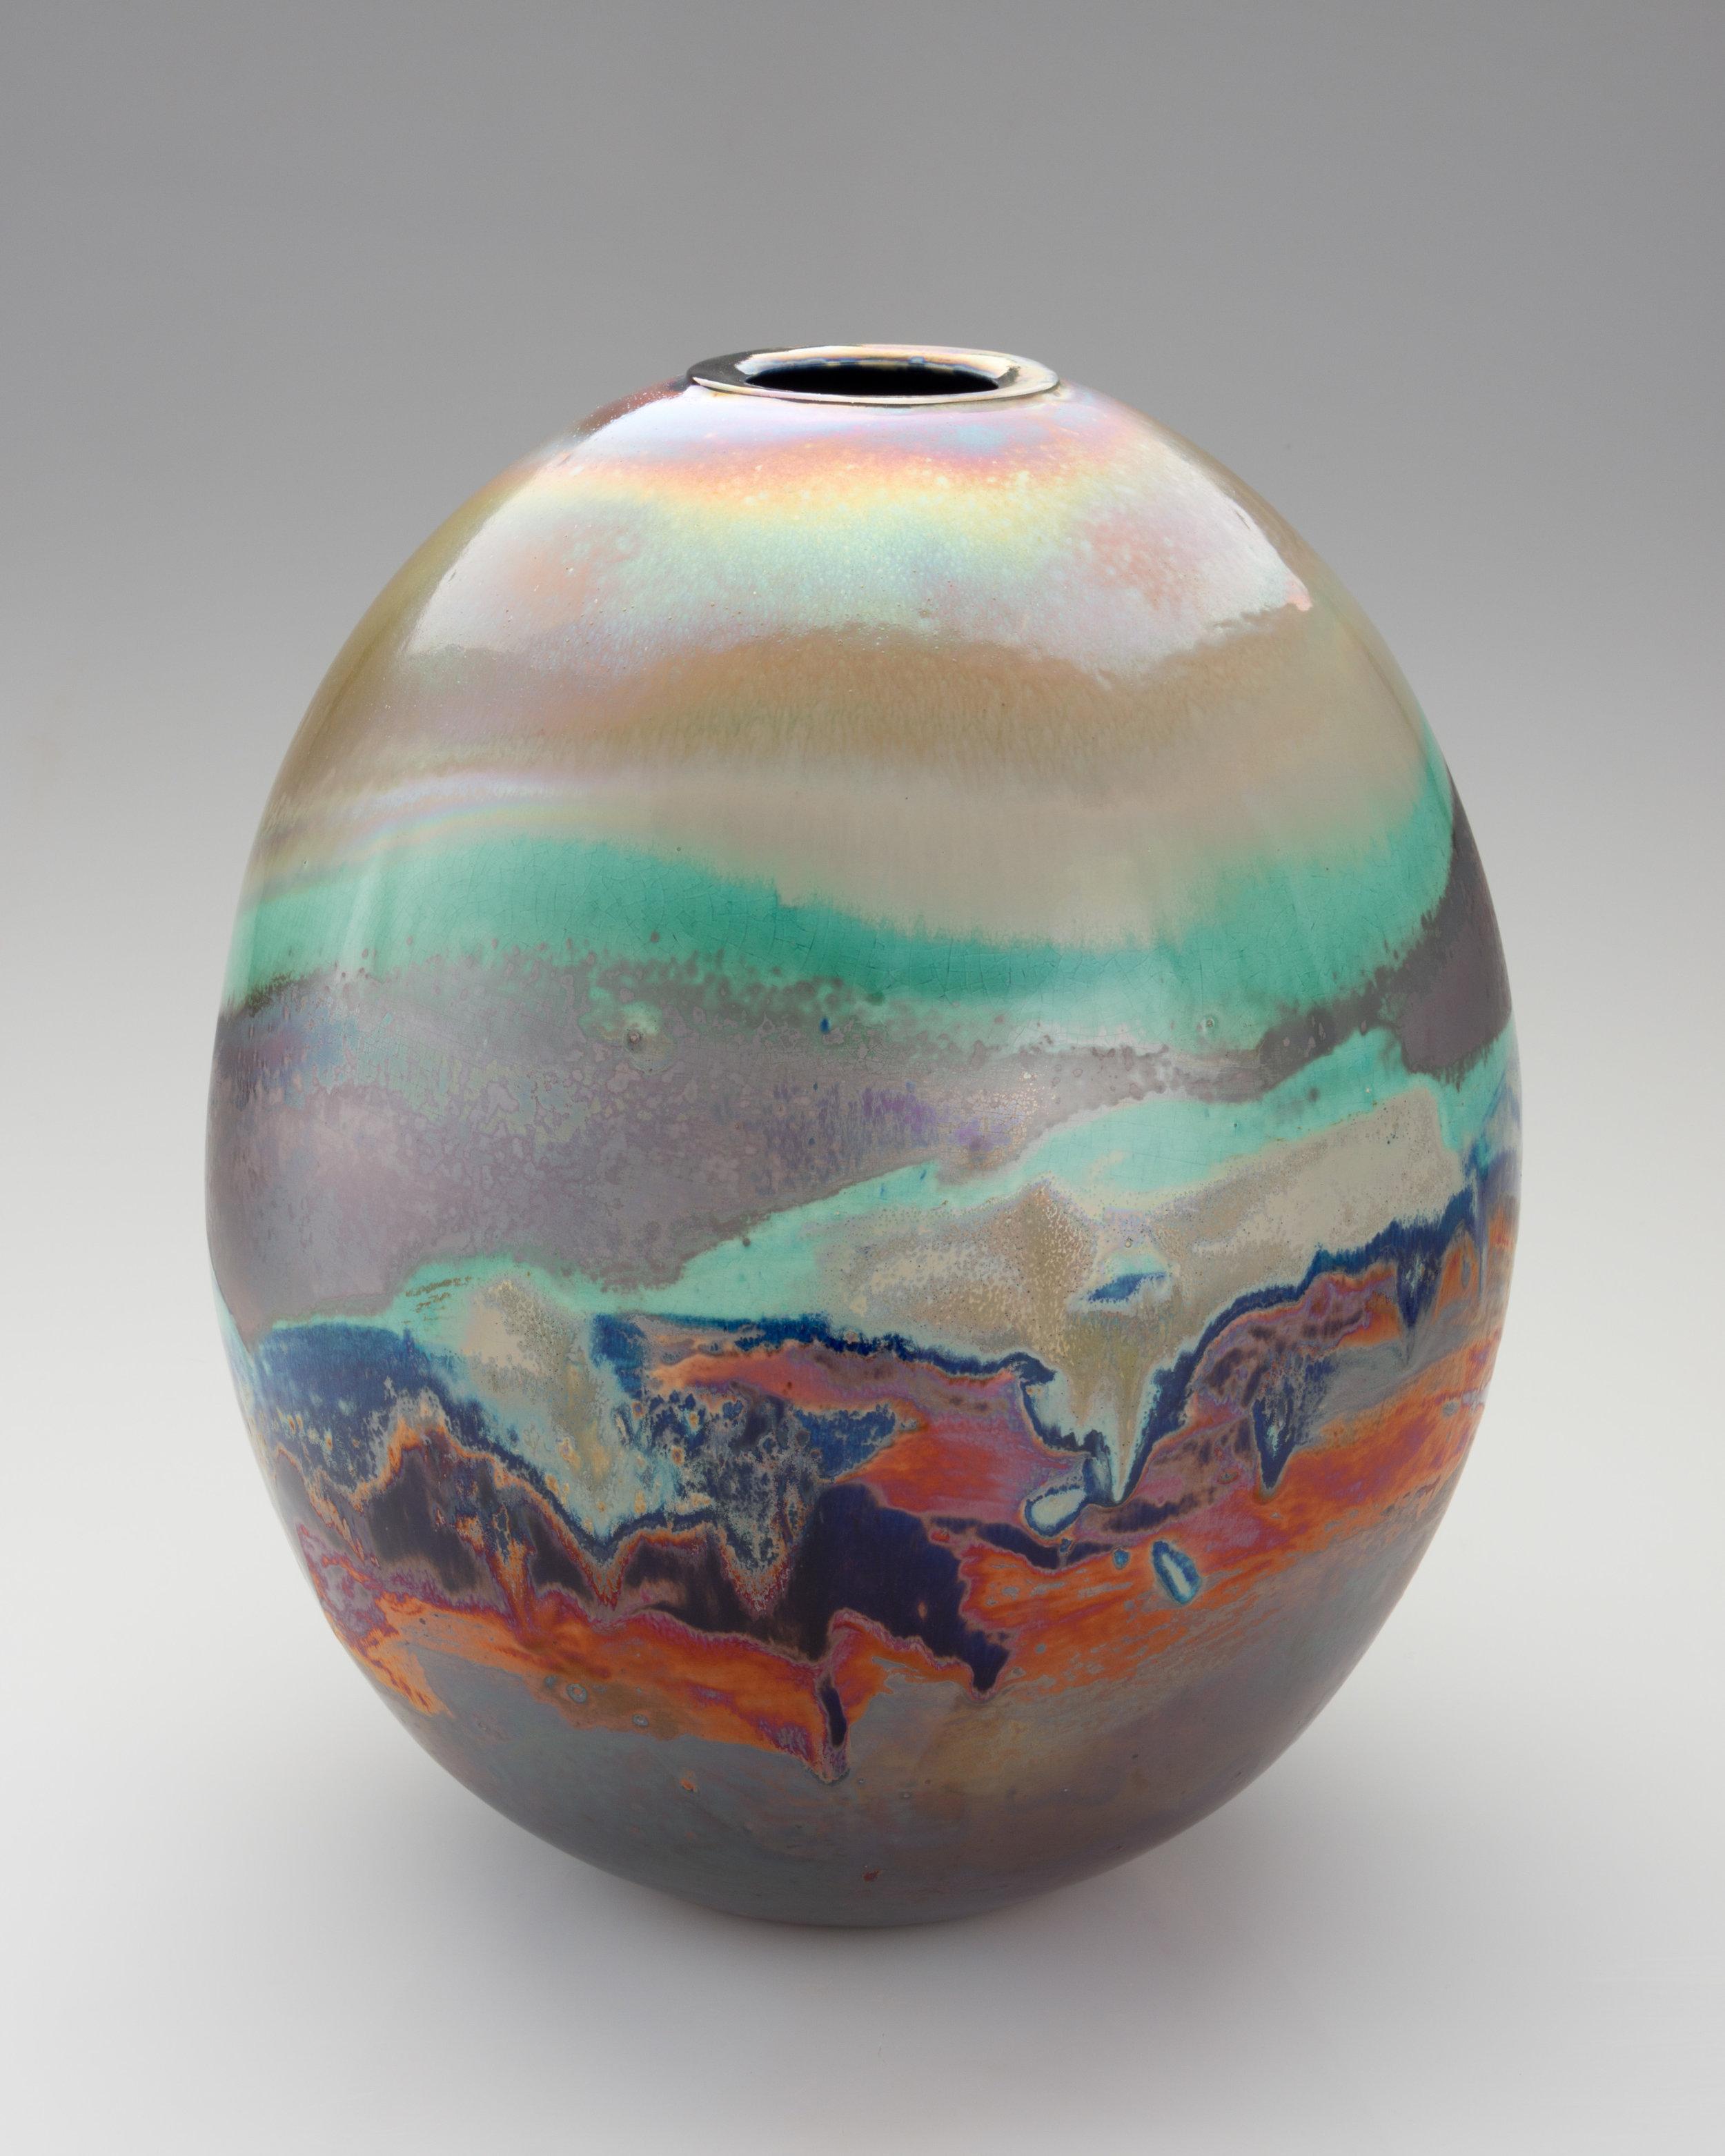 Yesterday's sky. 2018. Lustre glazed ceramic vase. 380mm H, 300mm Dia. $3,800 SOLD